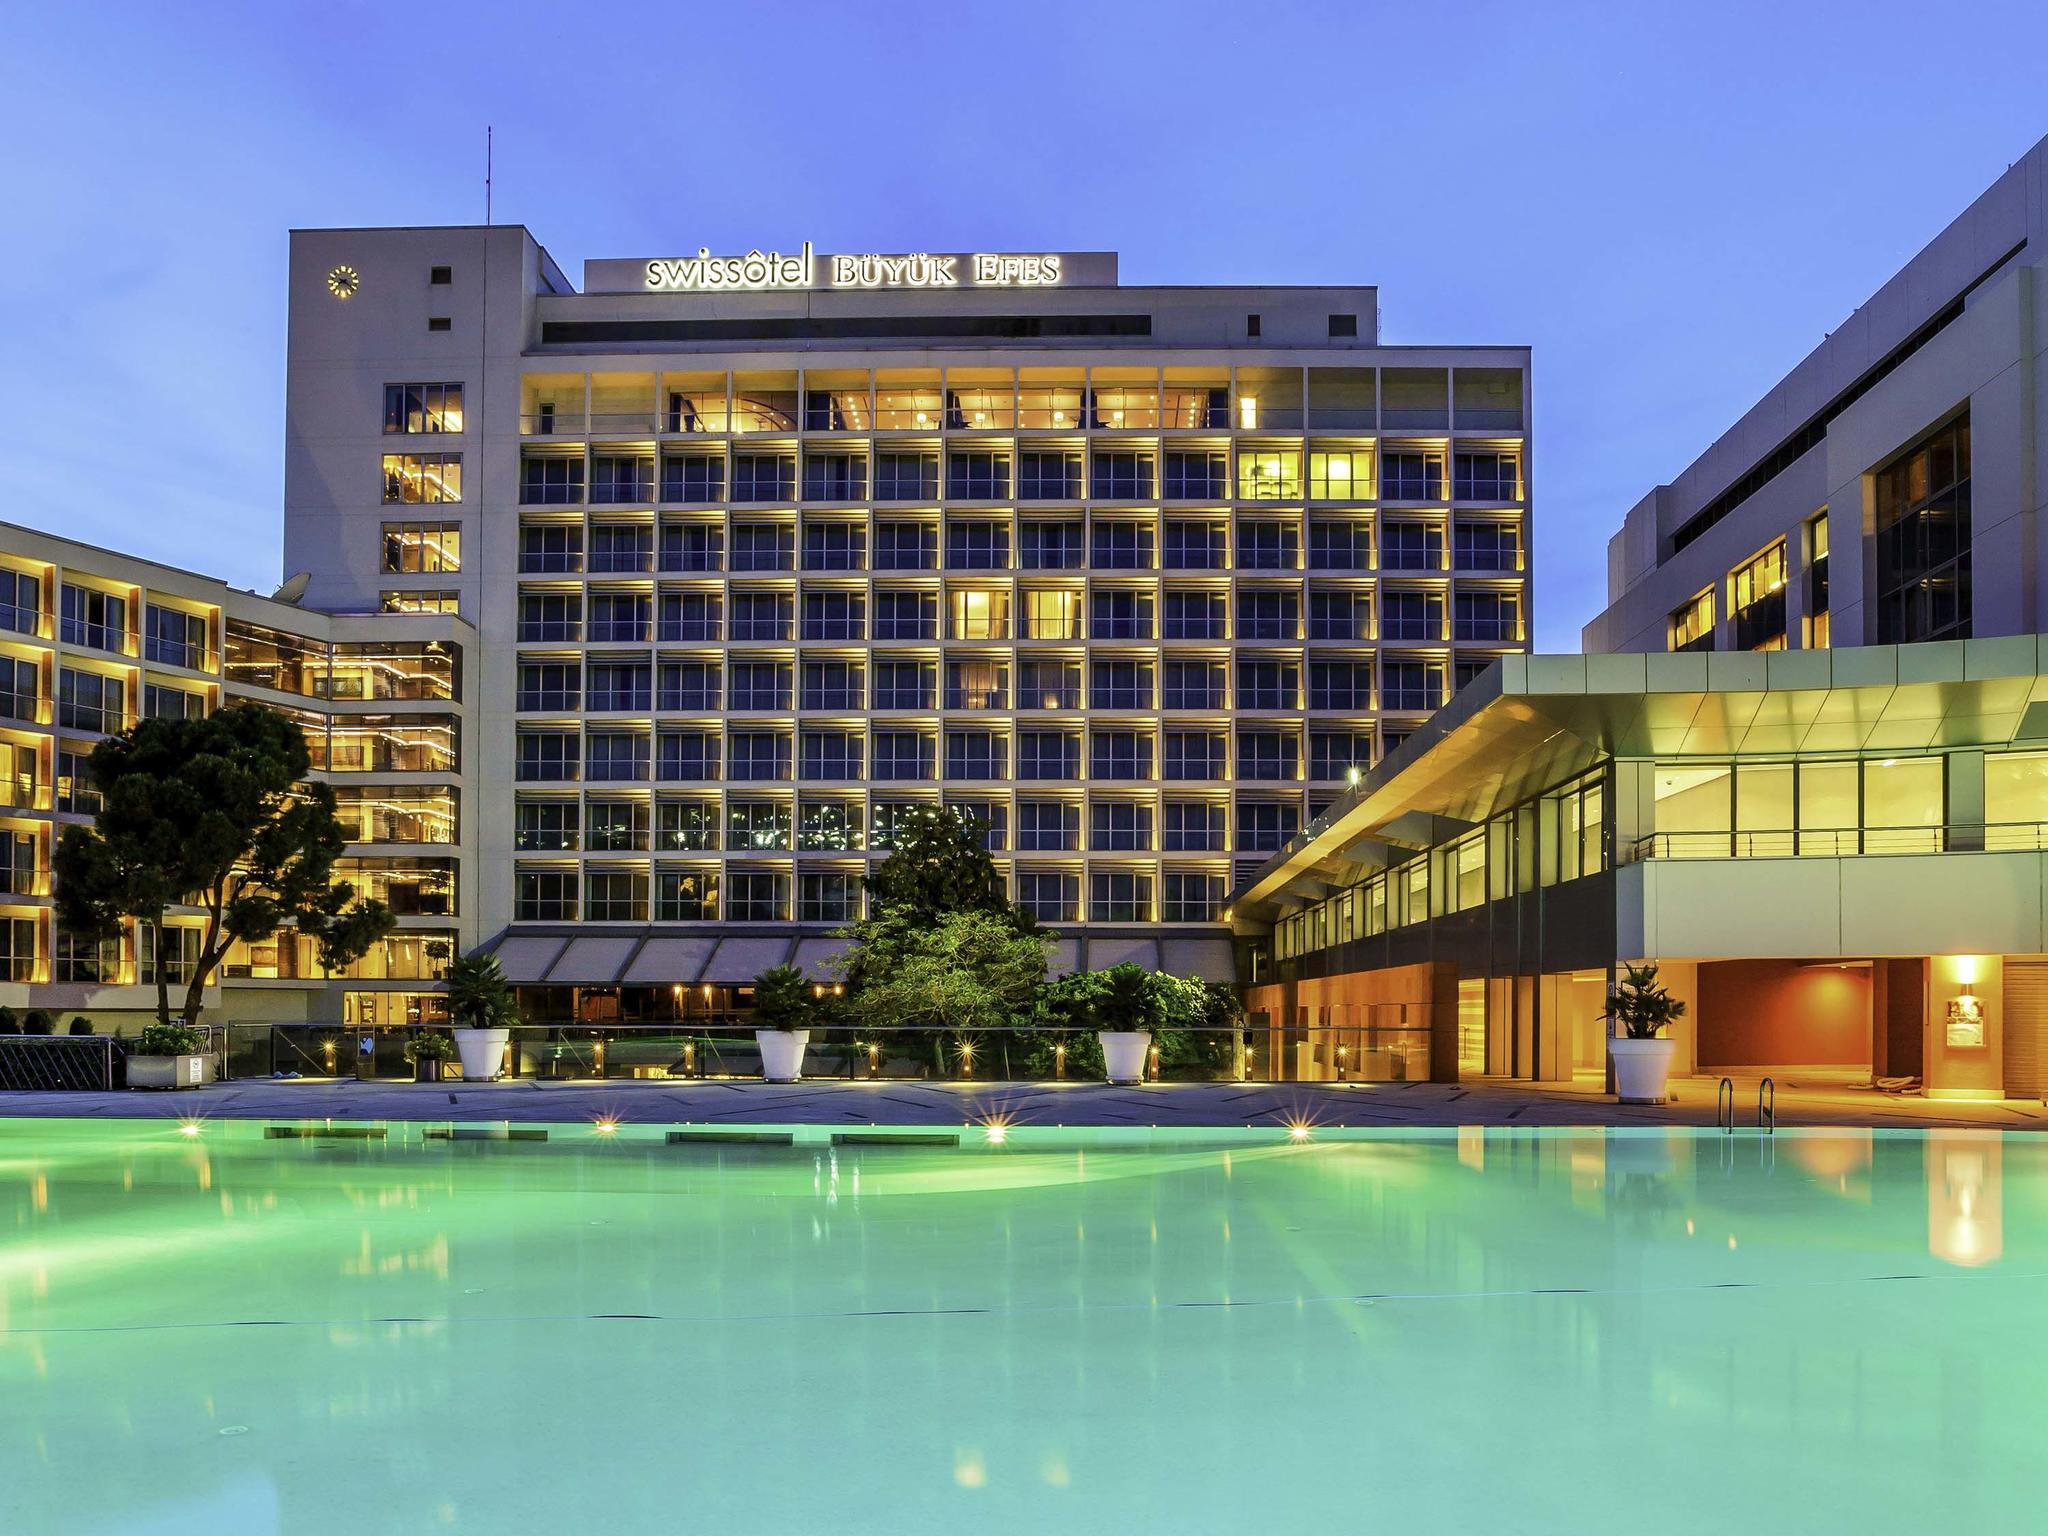 فندق - سويسوتيل بويوك إفيس